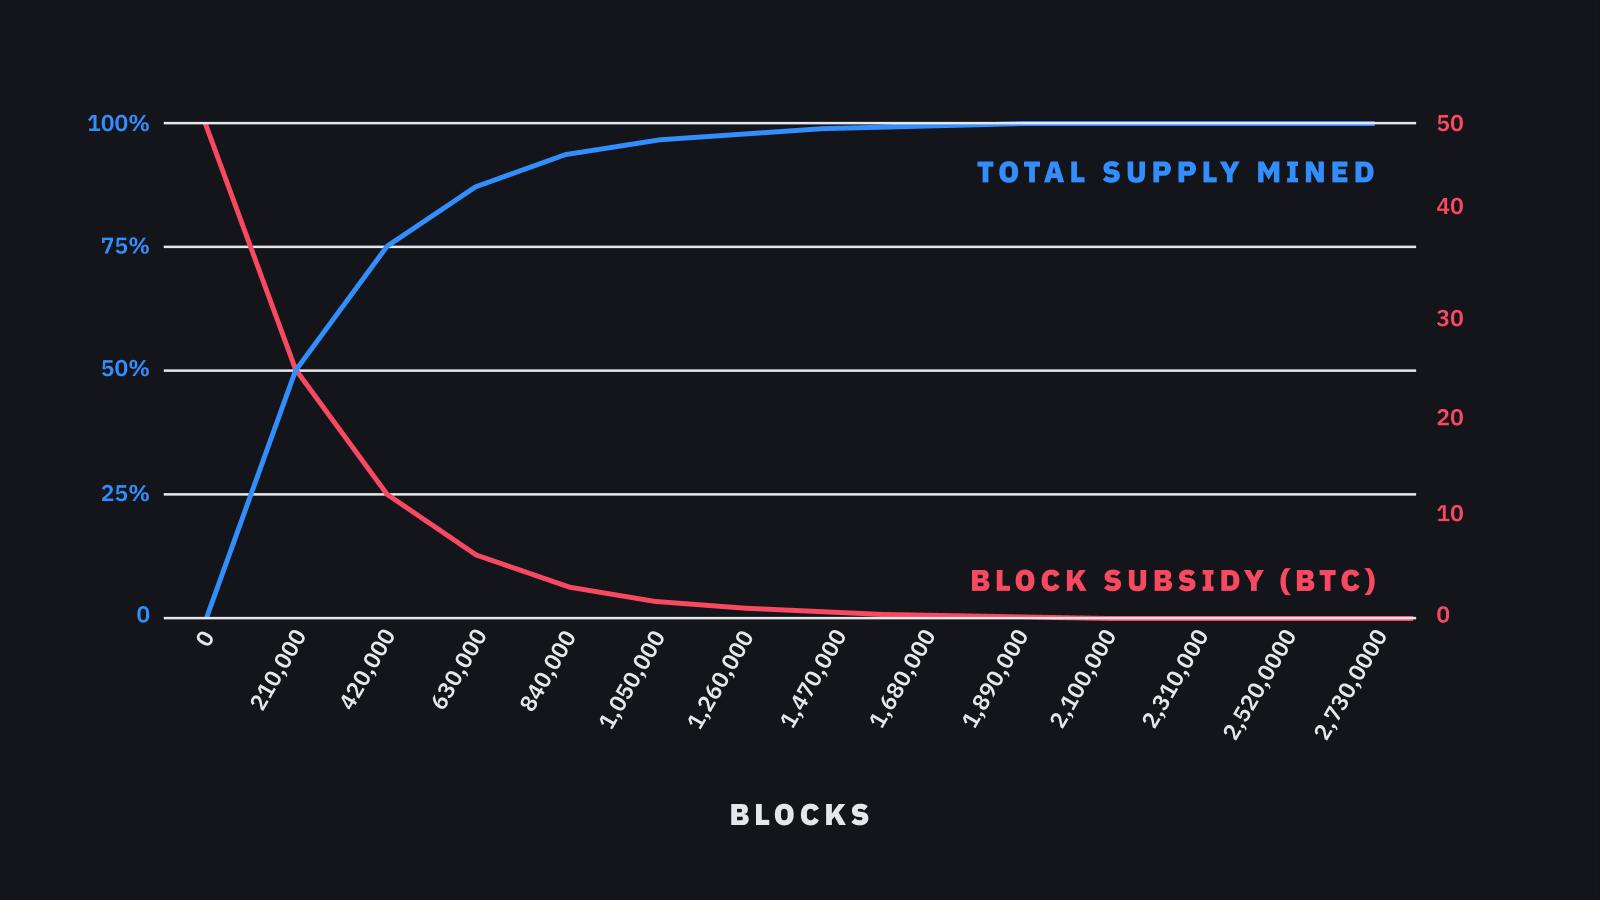 پیشبینی قیمت بیت کوین با استفاده از مدل Stock to Flow